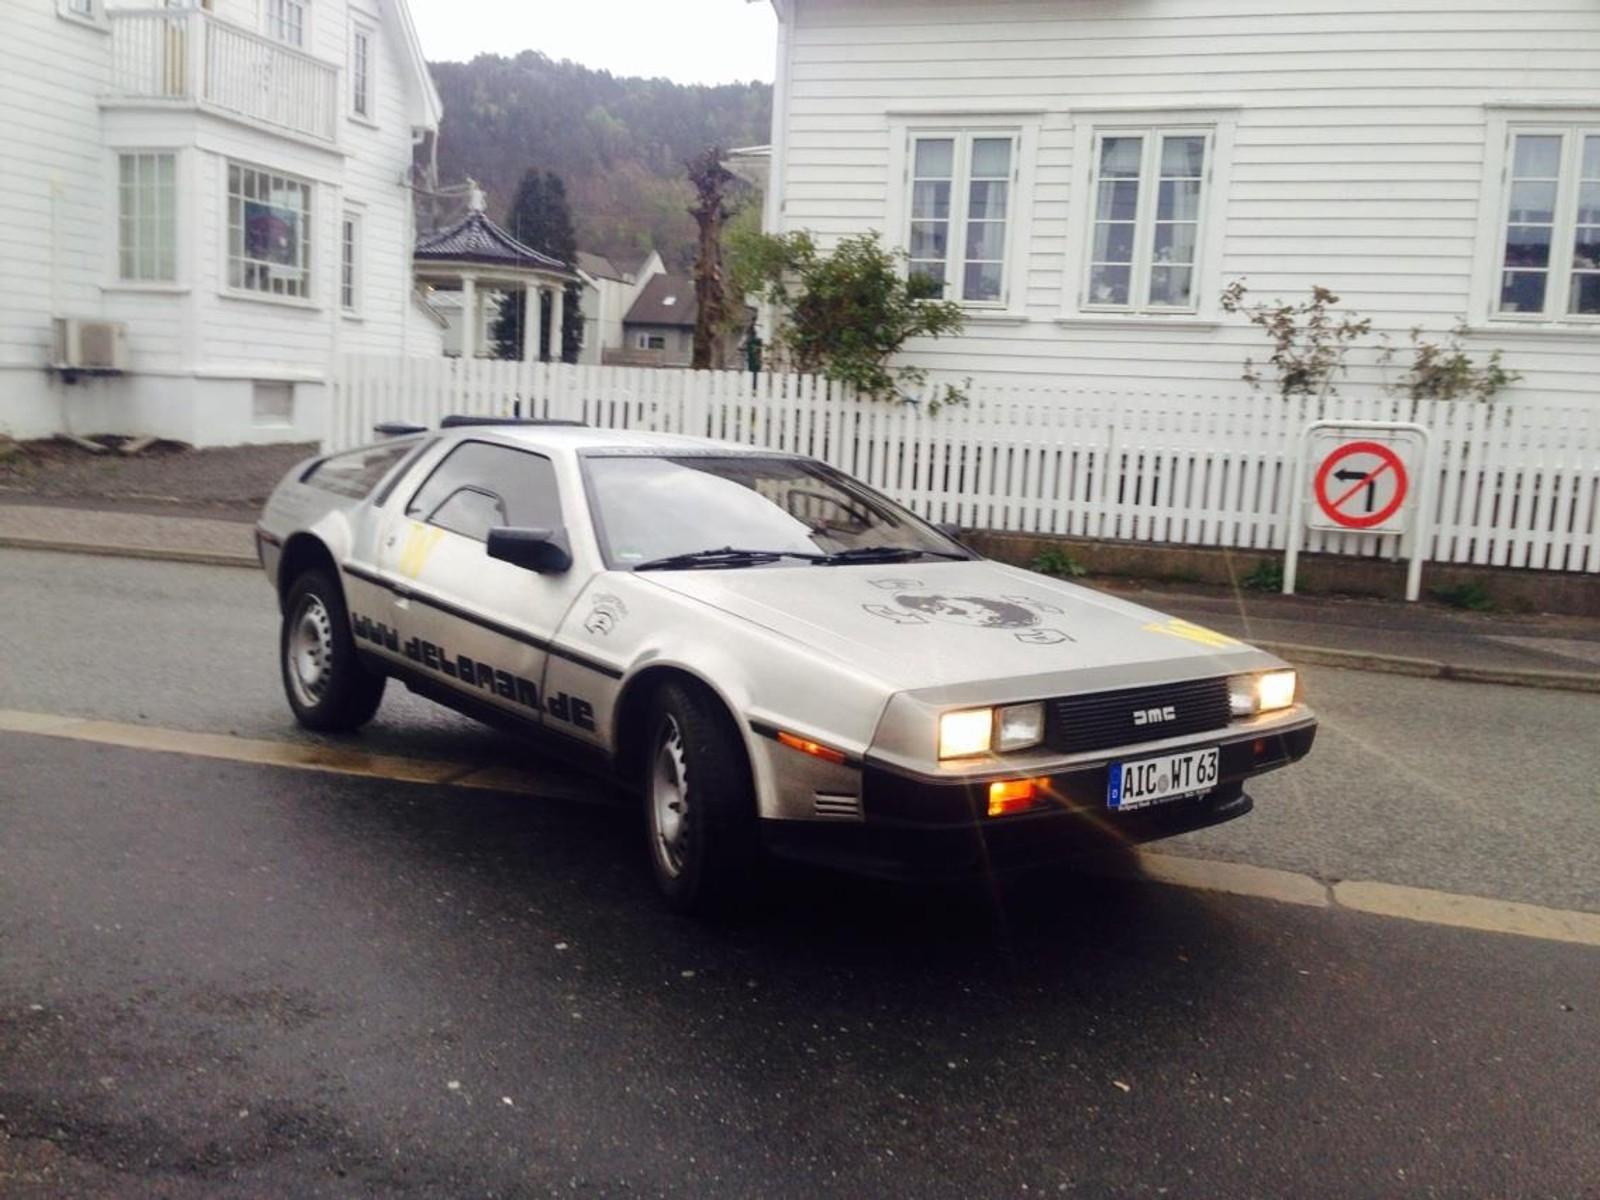 Birkeland har god kontakt med andre bilentusiaster. Her er en på besøk i Flekkefjord.